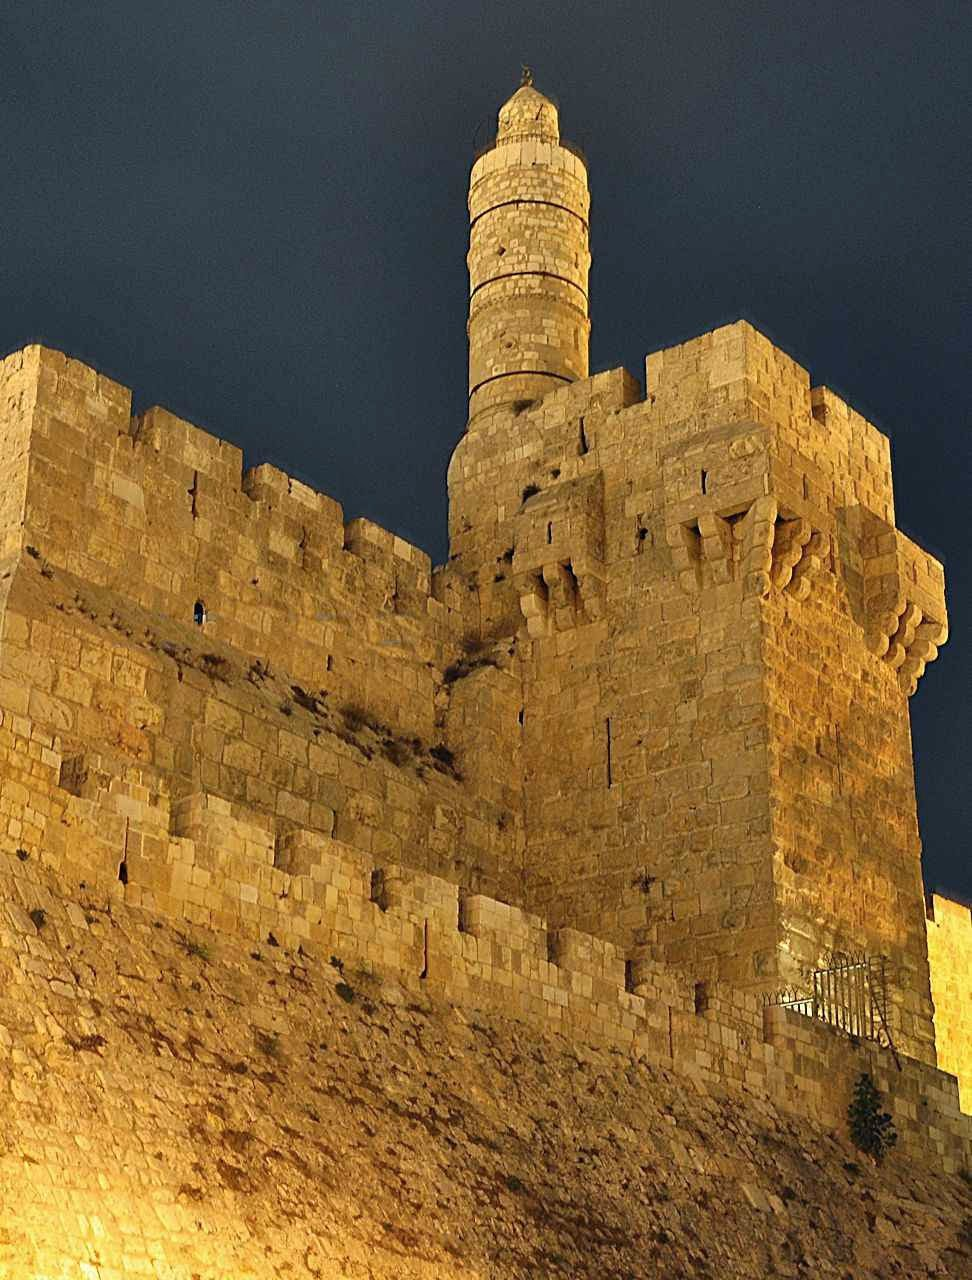 A Torre de David de construção cruzada e otomana posterior está sobre os fundamentos do Palácio de Herodes